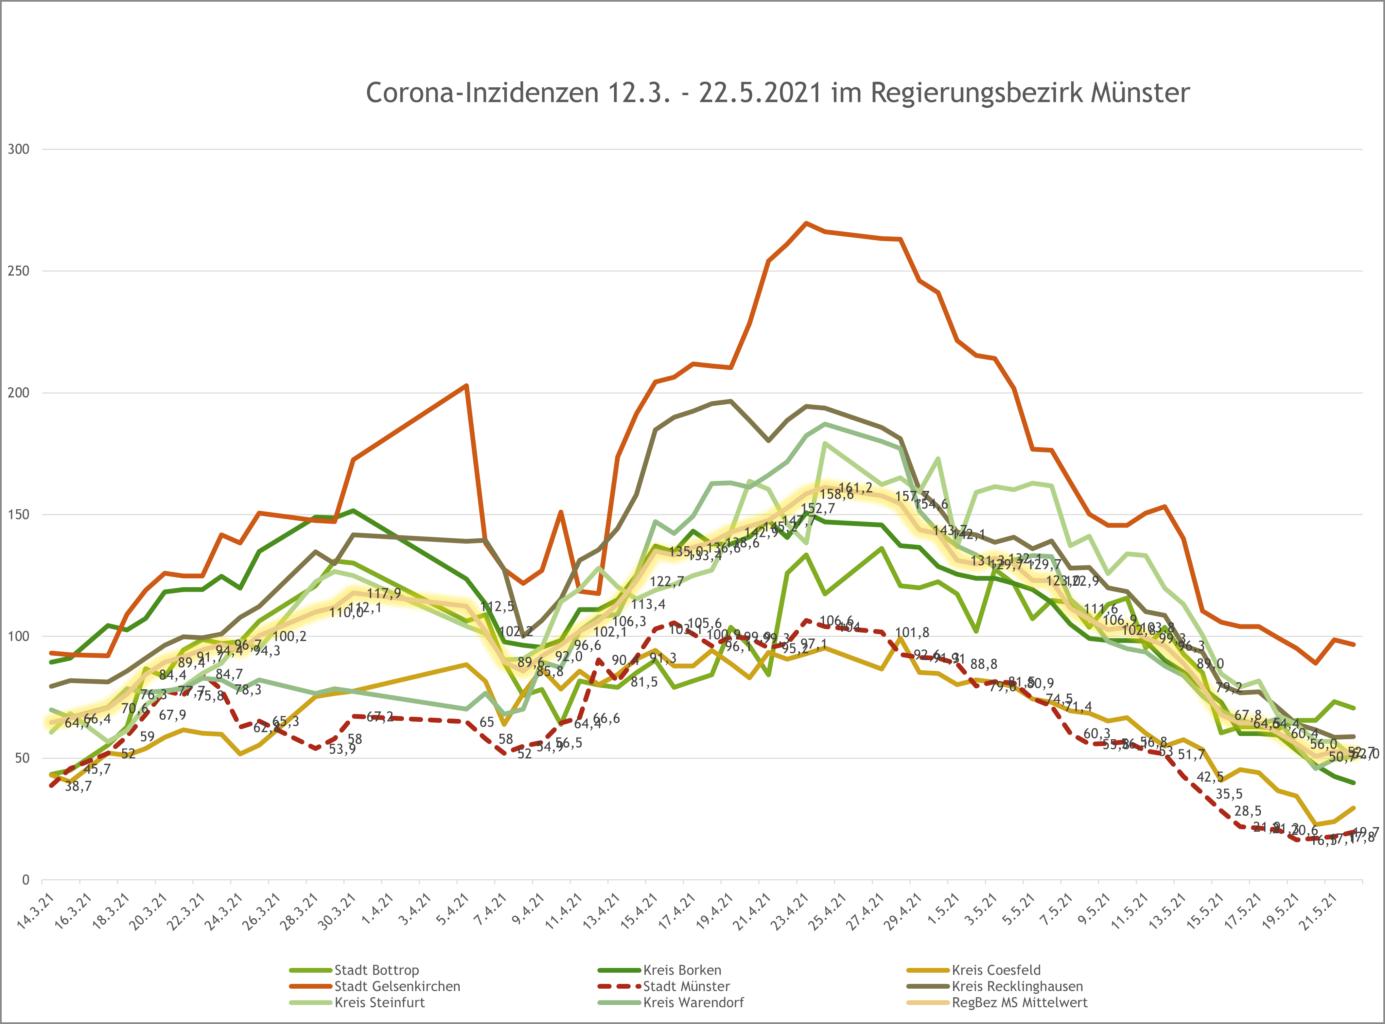 Inzidenzzahlen im Regierungsbezirk Münster am 22.5.2021